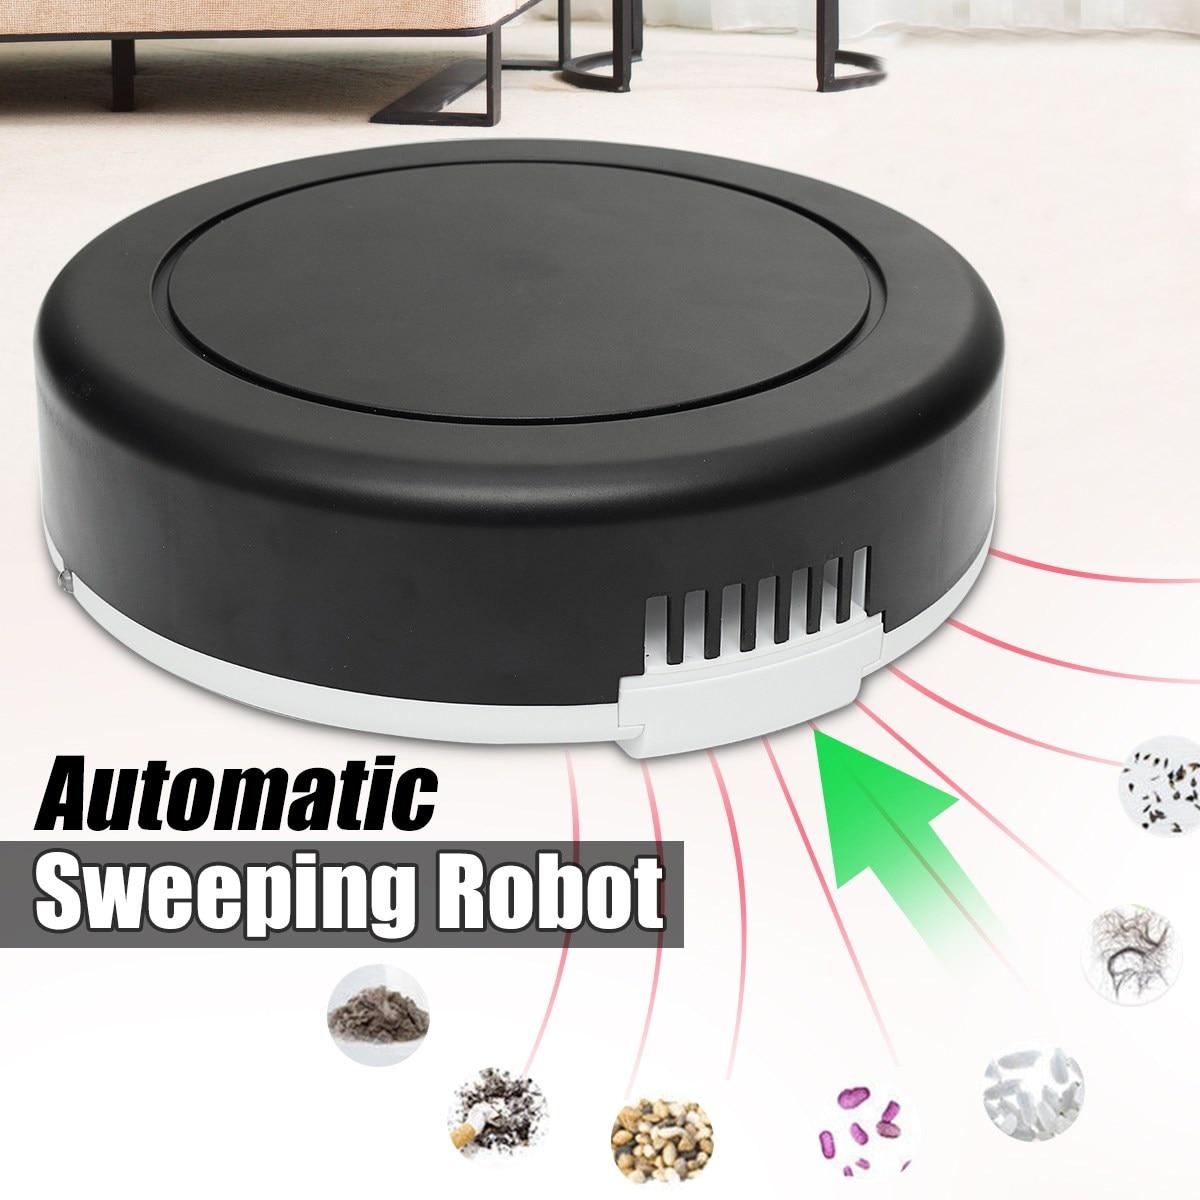 Automatique Robot de Balayage Mince Balayage Aspiration Glisser Une Machine Petit Mini Rechargeable Aspirateur Balayage